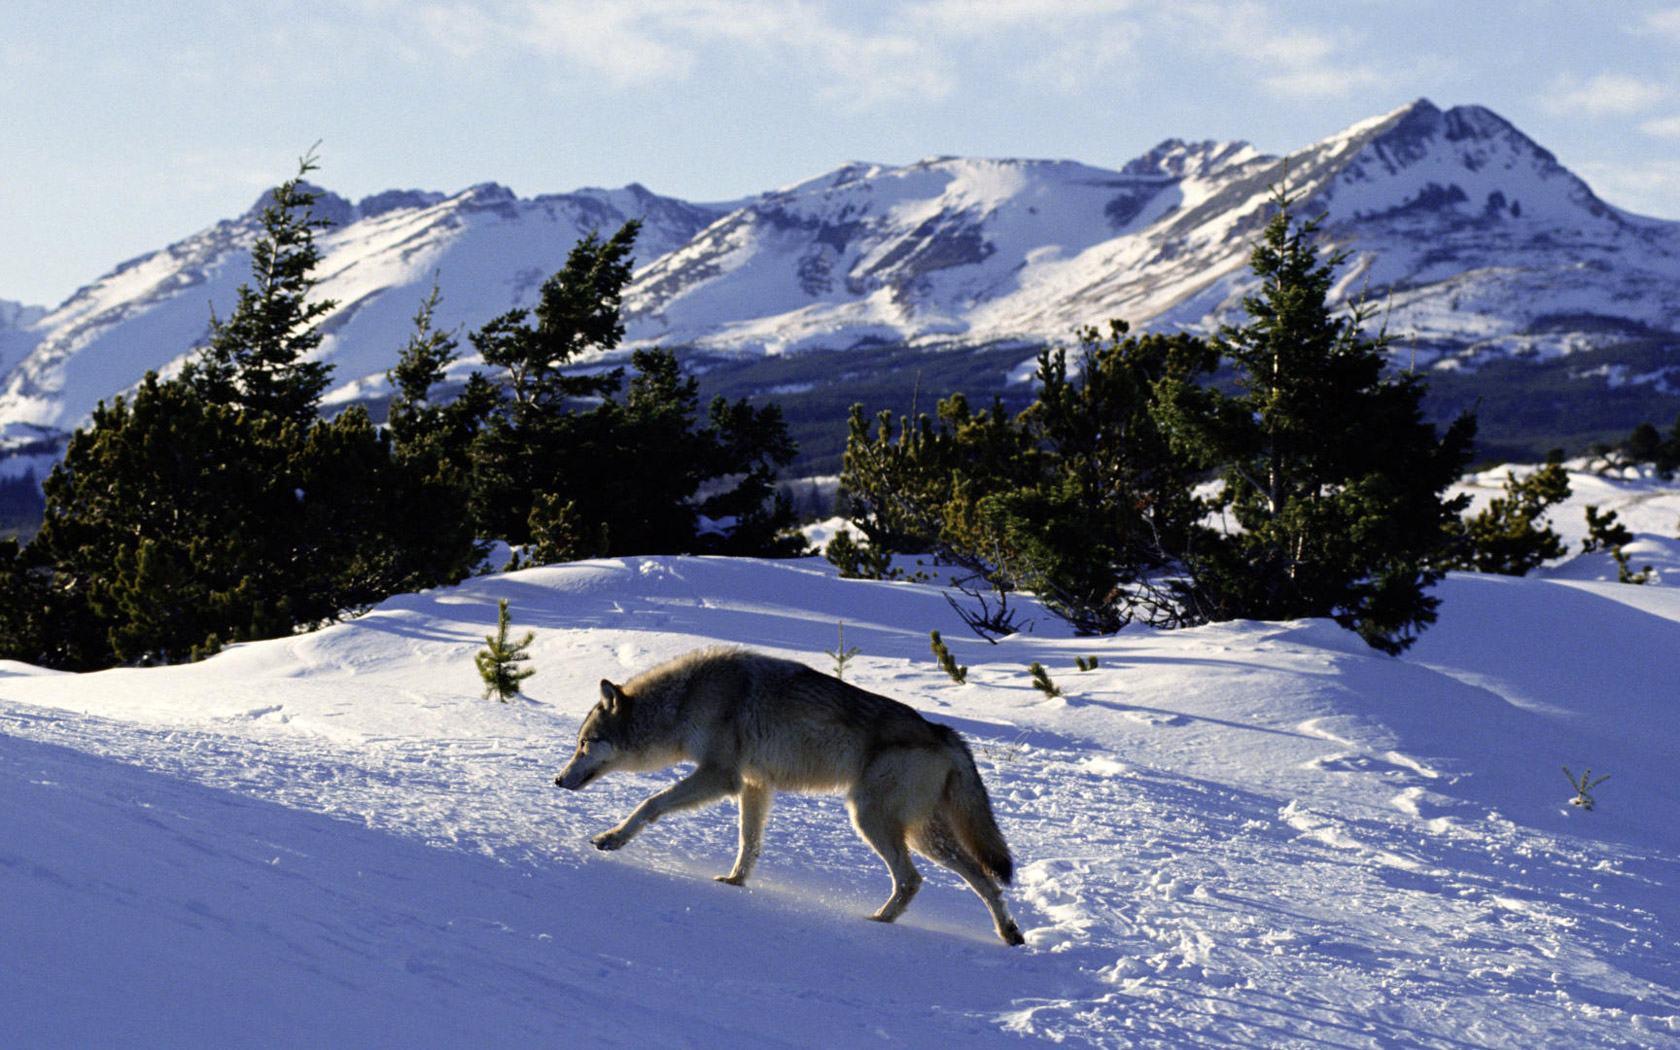 Скачать обои волк на охоте 1680x1050